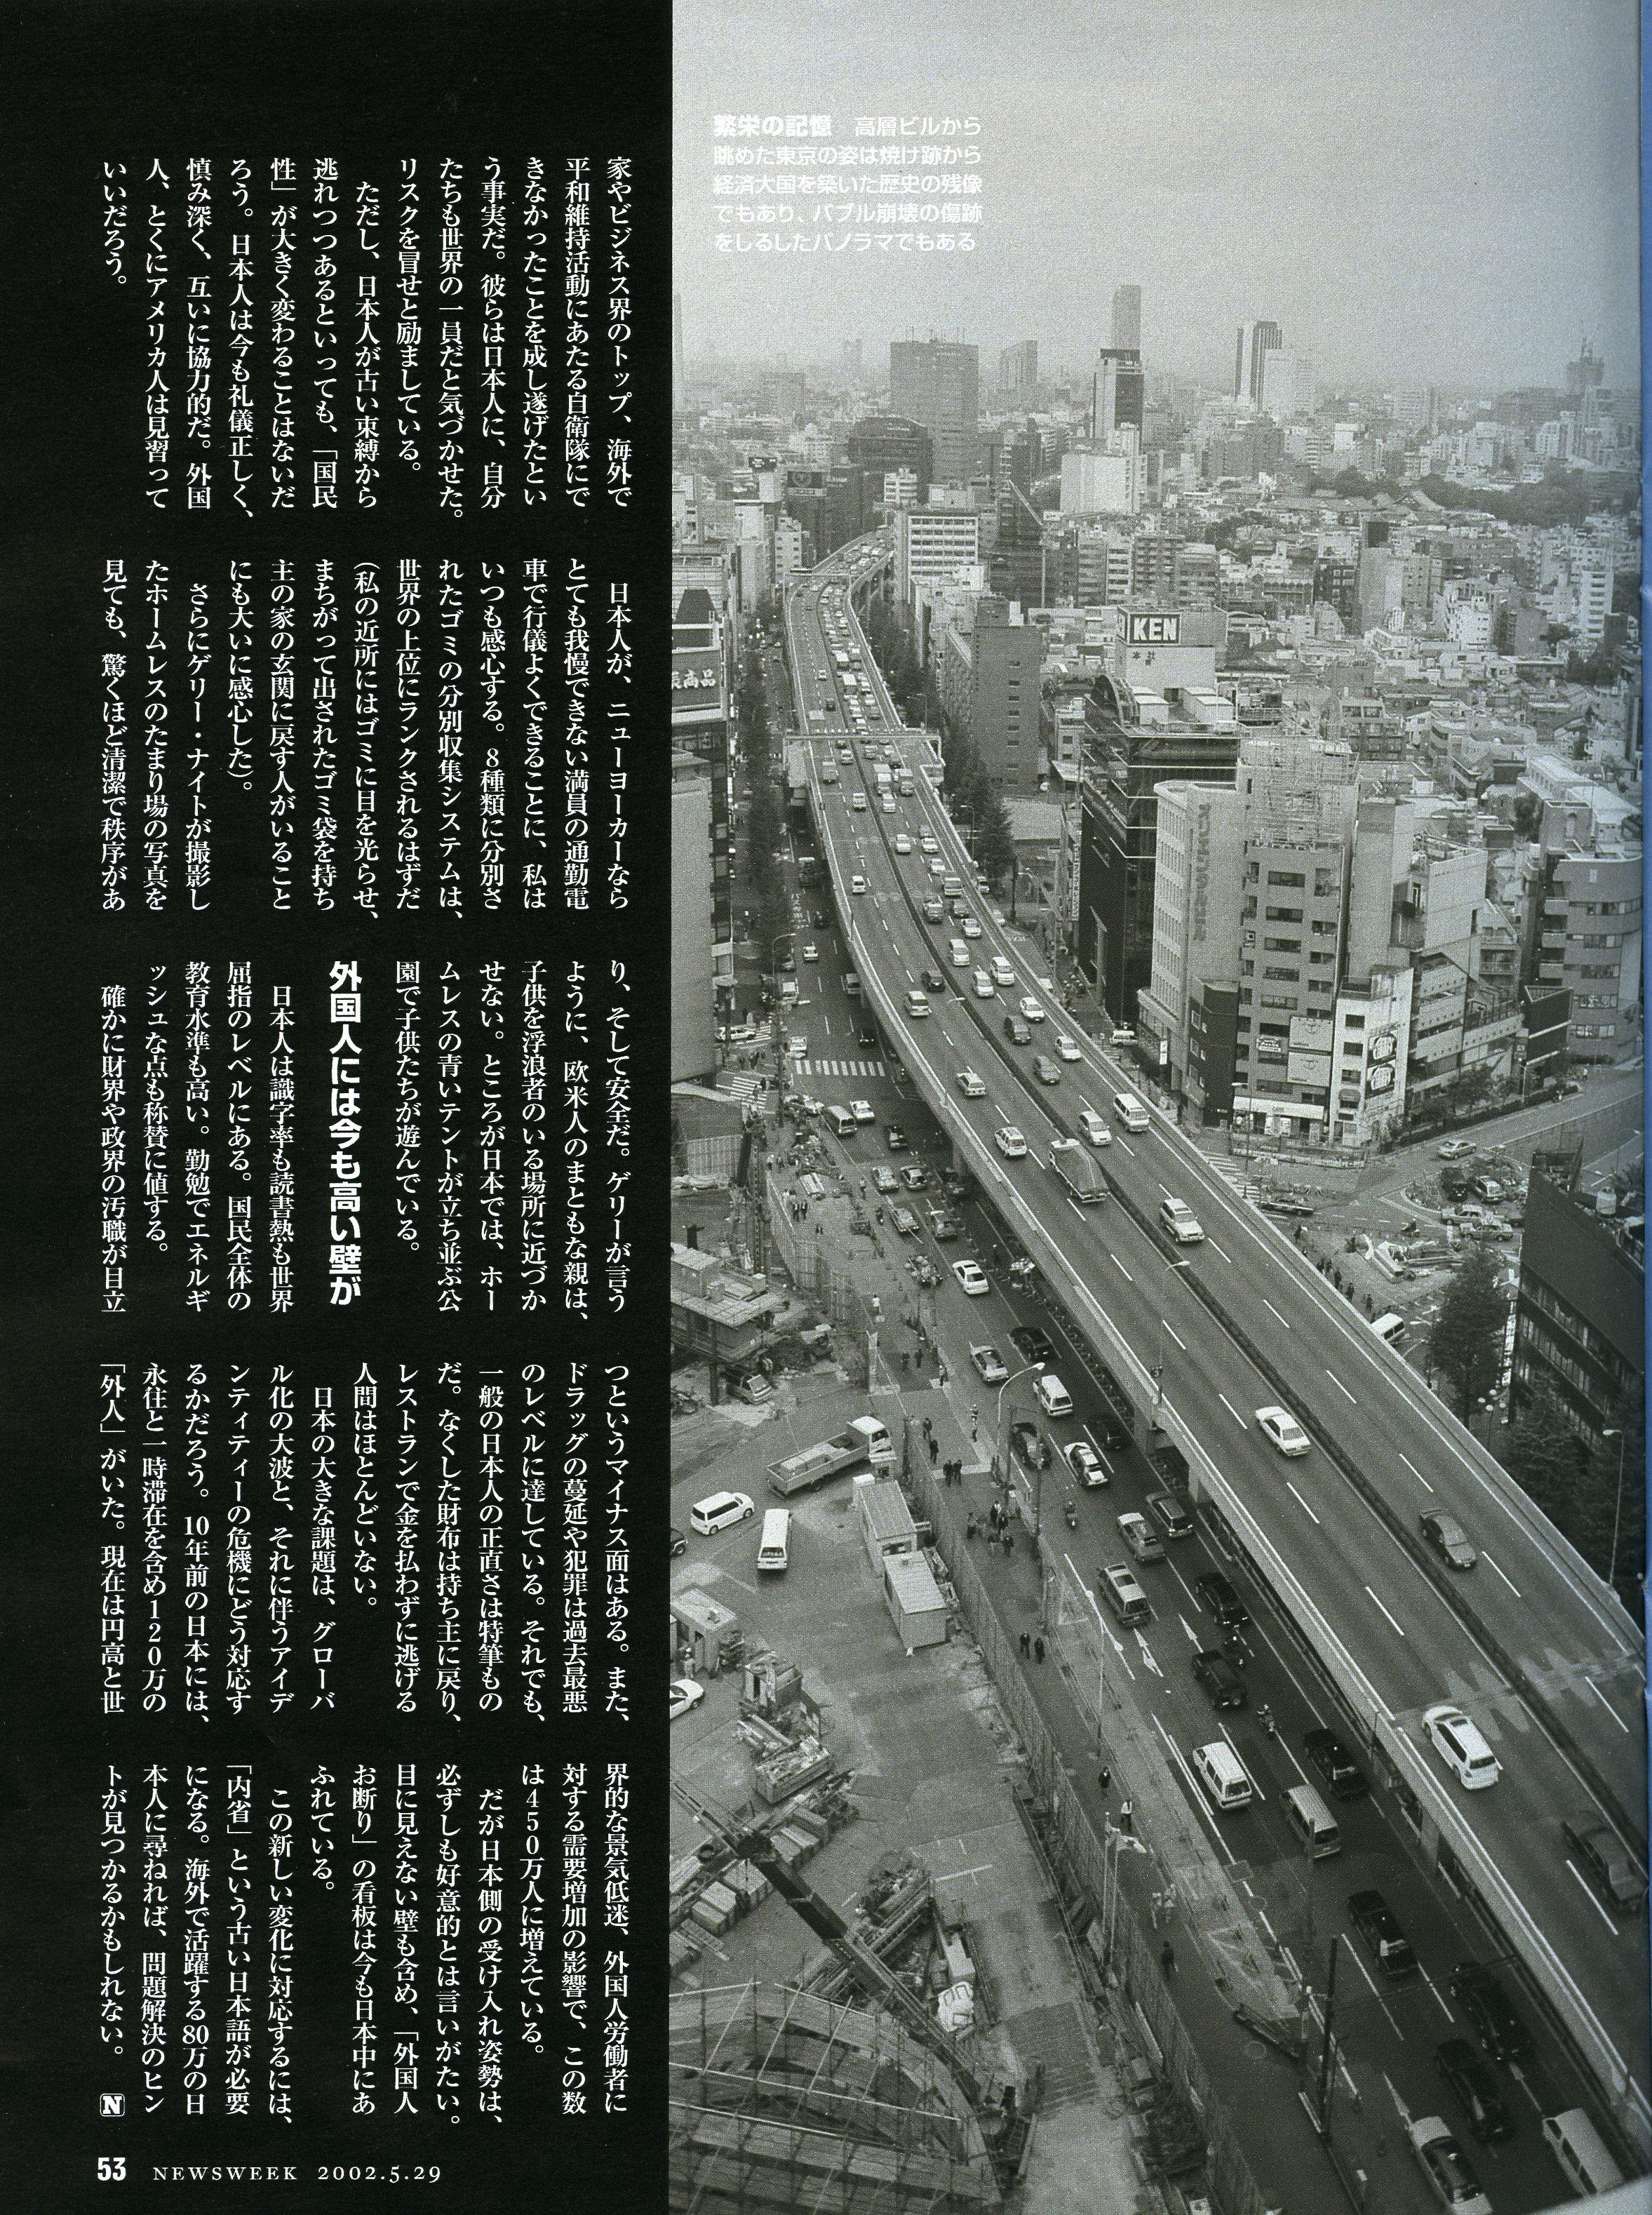 05292002_NEWSWEEK_JAPAN_16.jpg